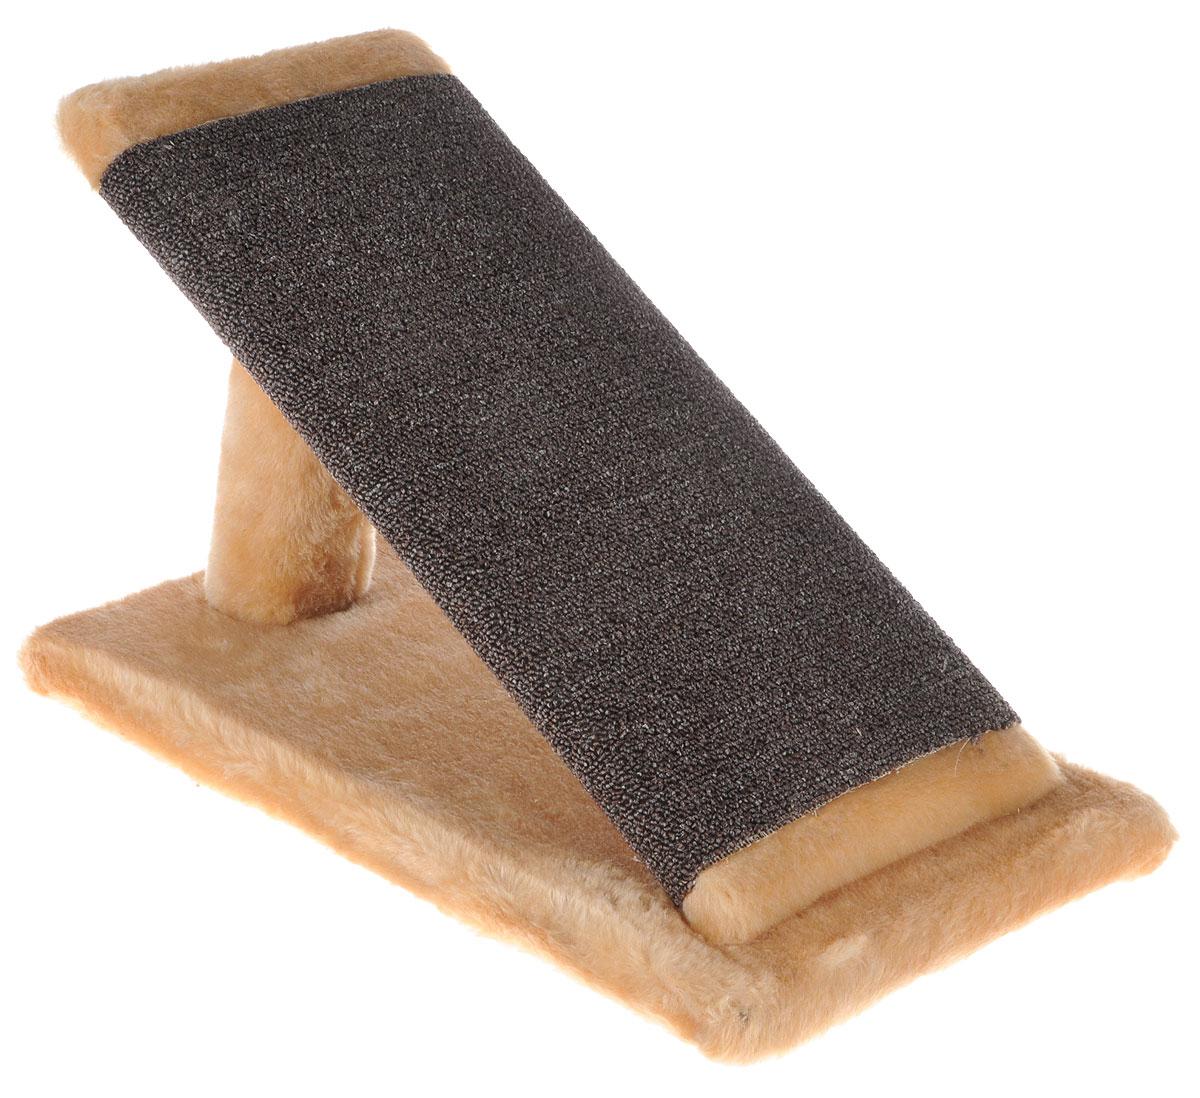 Когтеточка для котят Меридиан Горка, цвет: светло-коричневый, коричневый, 45 х 25 х 25 см12171996Когтеточка Меридиан Горка предназначена для стачивания когтей вашего котенка и предотвращения их врастания. Она выполнена из ДВП, ДСП и искусственного меха. Точатся когти о накладку из ковролина. Когтеточка позволяет сохранить неповрежденными мебель и другие предметы интерьера.